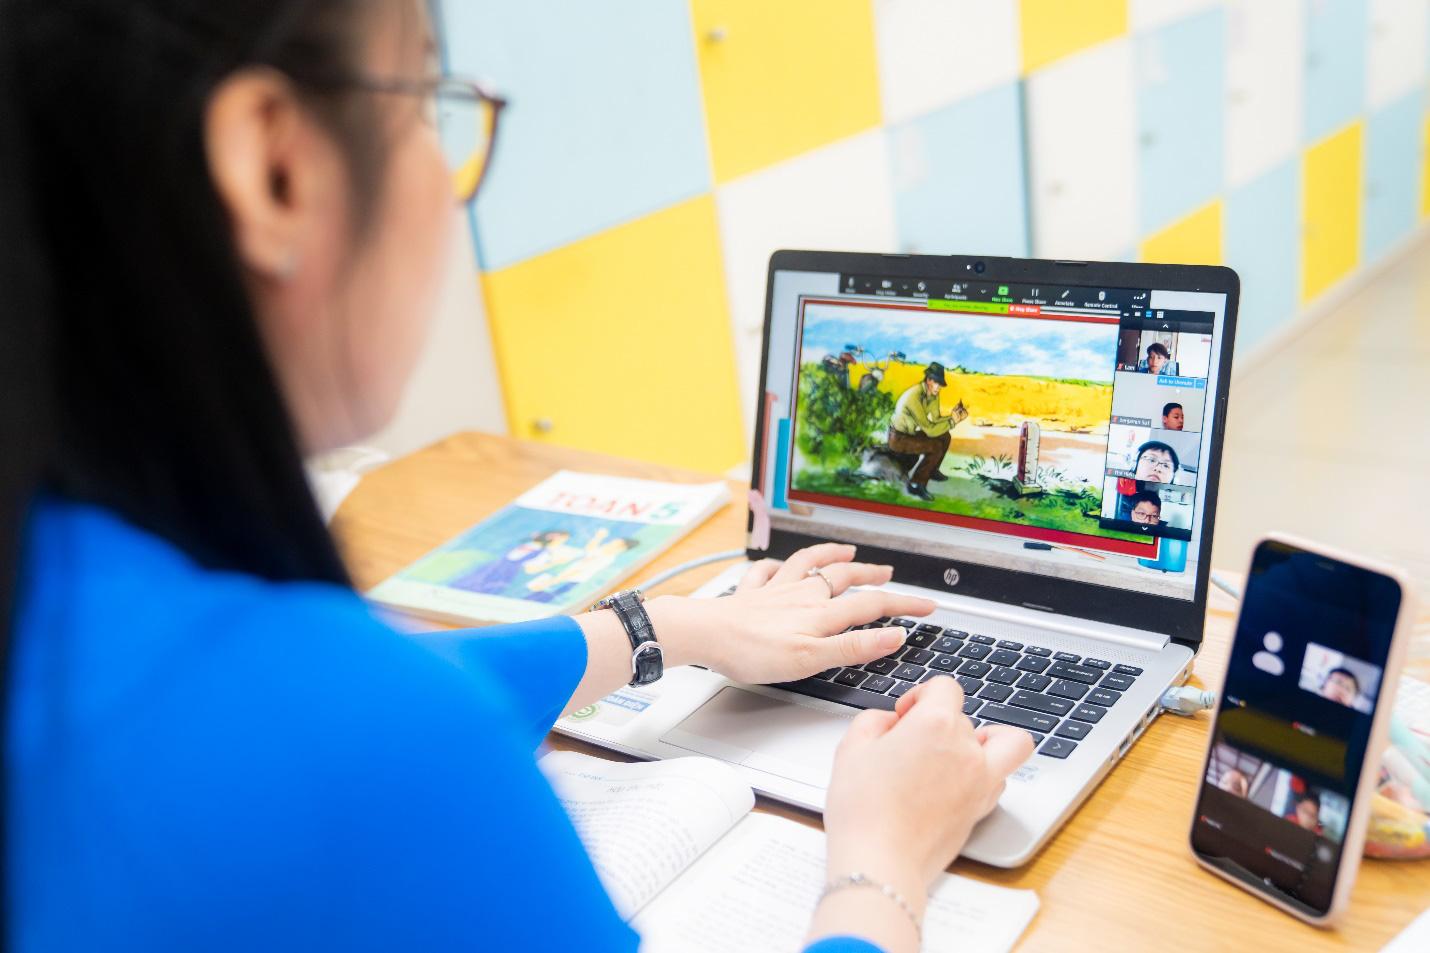 Royal School miễn phí học hè trực tuyến cho học sinh toàn quốc - Ảnh 2.